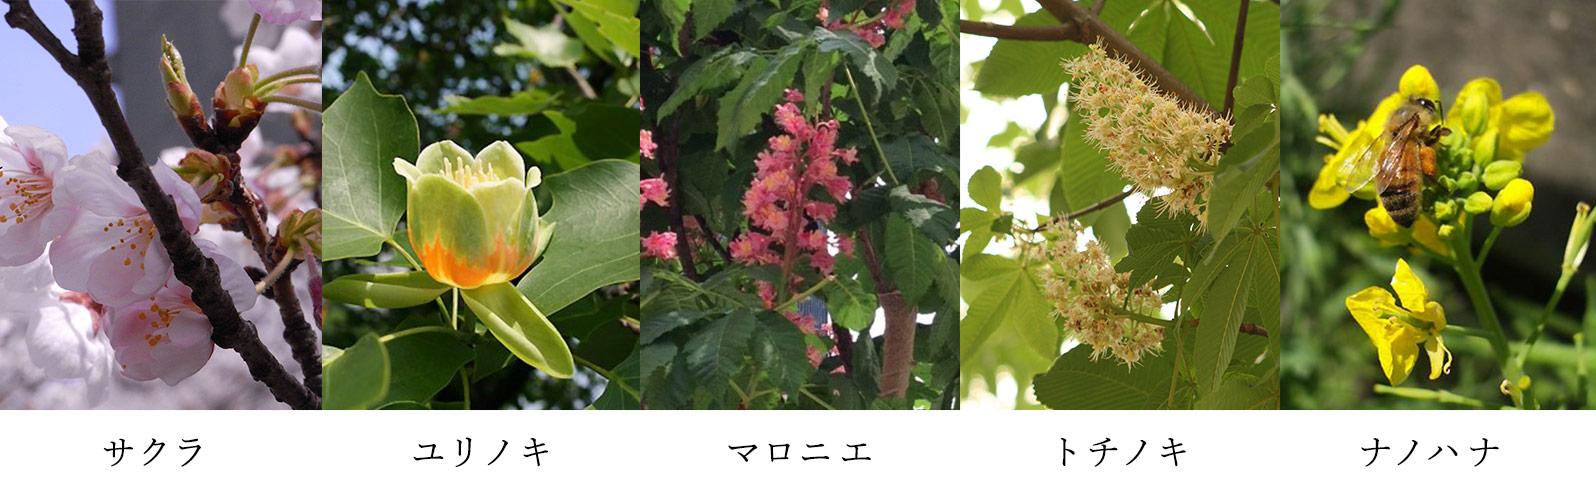 東京蜂蜜に含まれる花の蜜 花の一覧